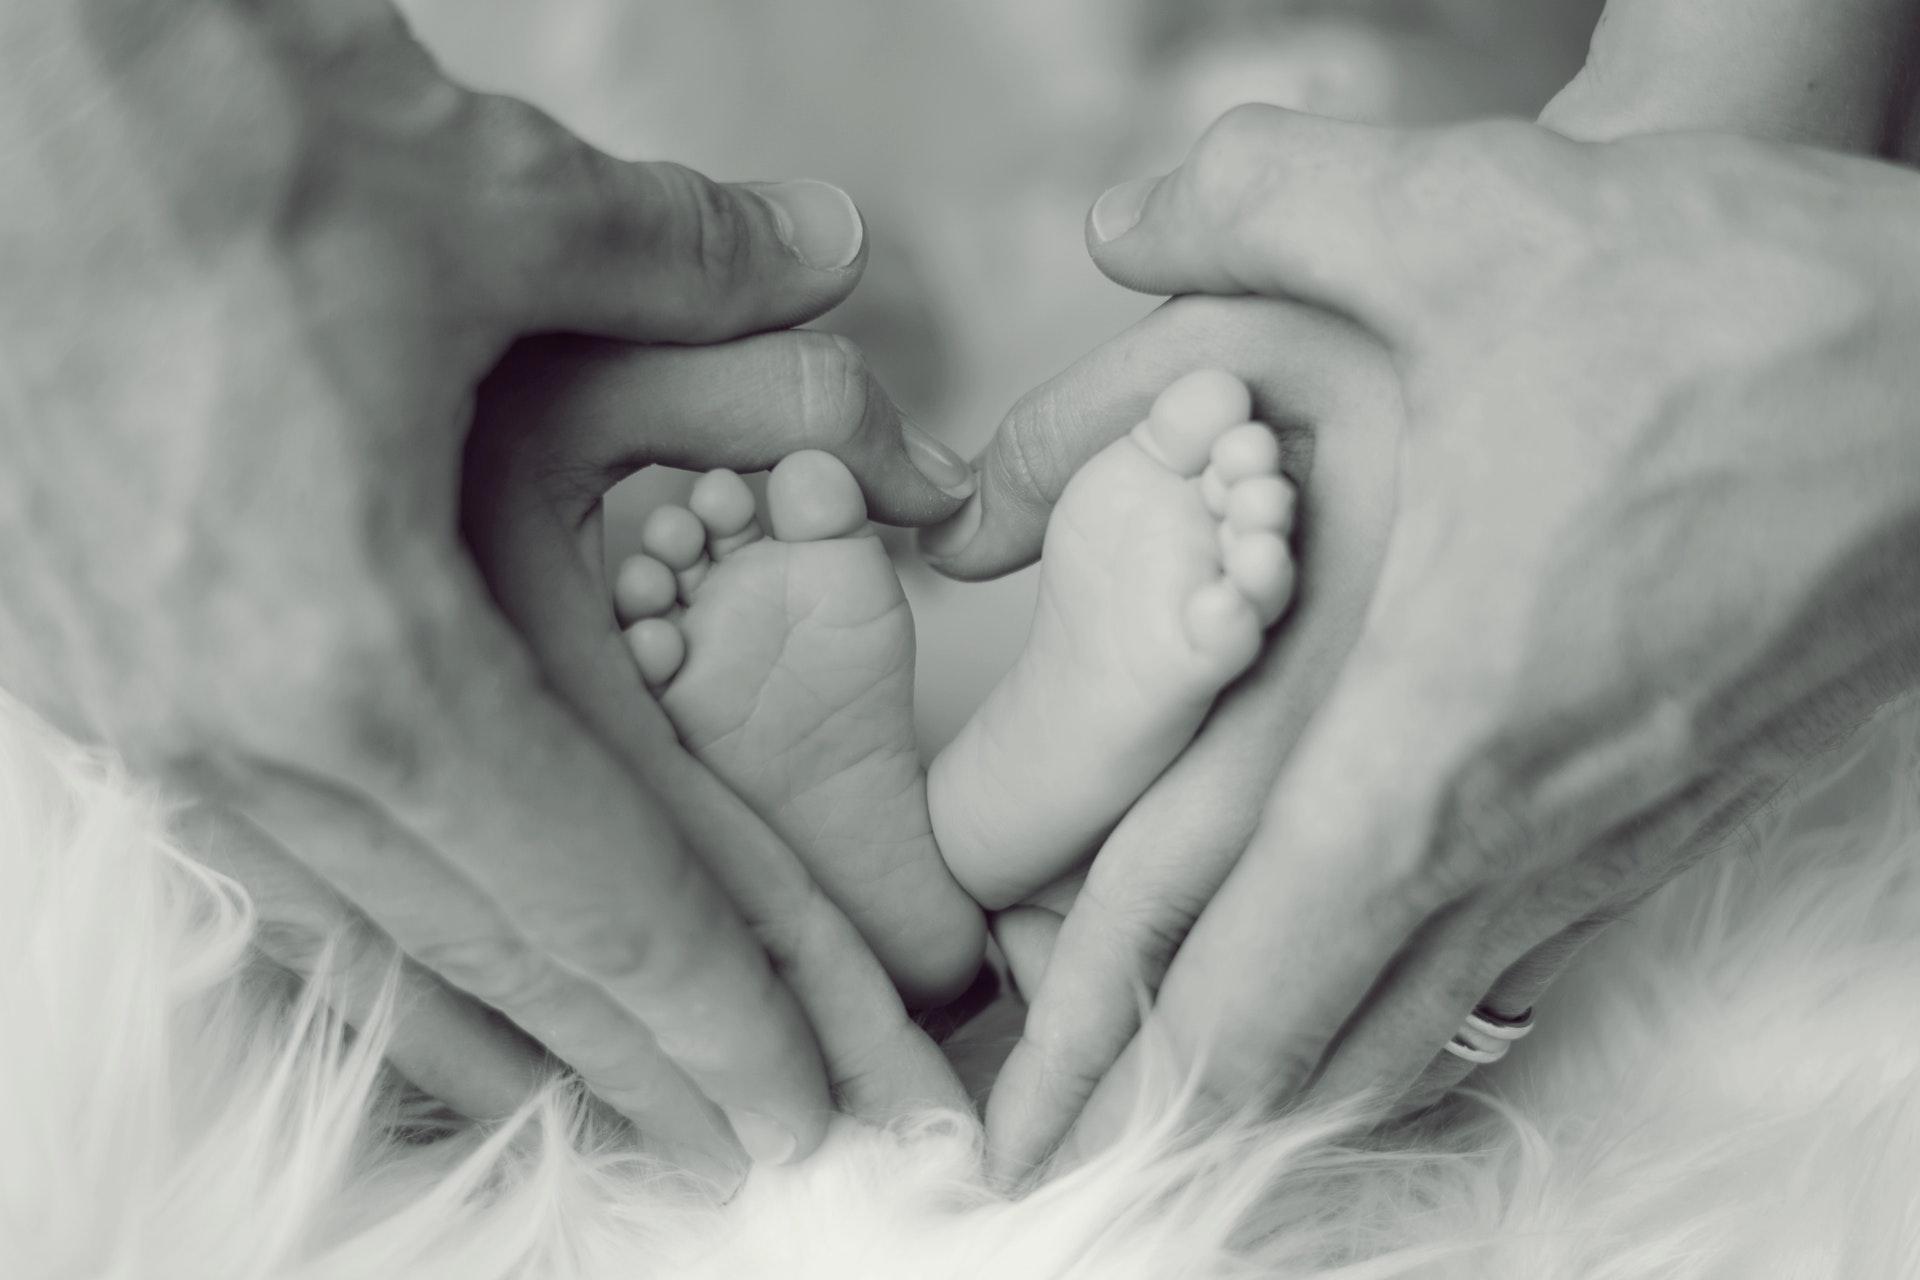 来自武汉方舱哺乳期新冠妈妈的求助:等我转阴了,还能给宝宝喂奶吗?